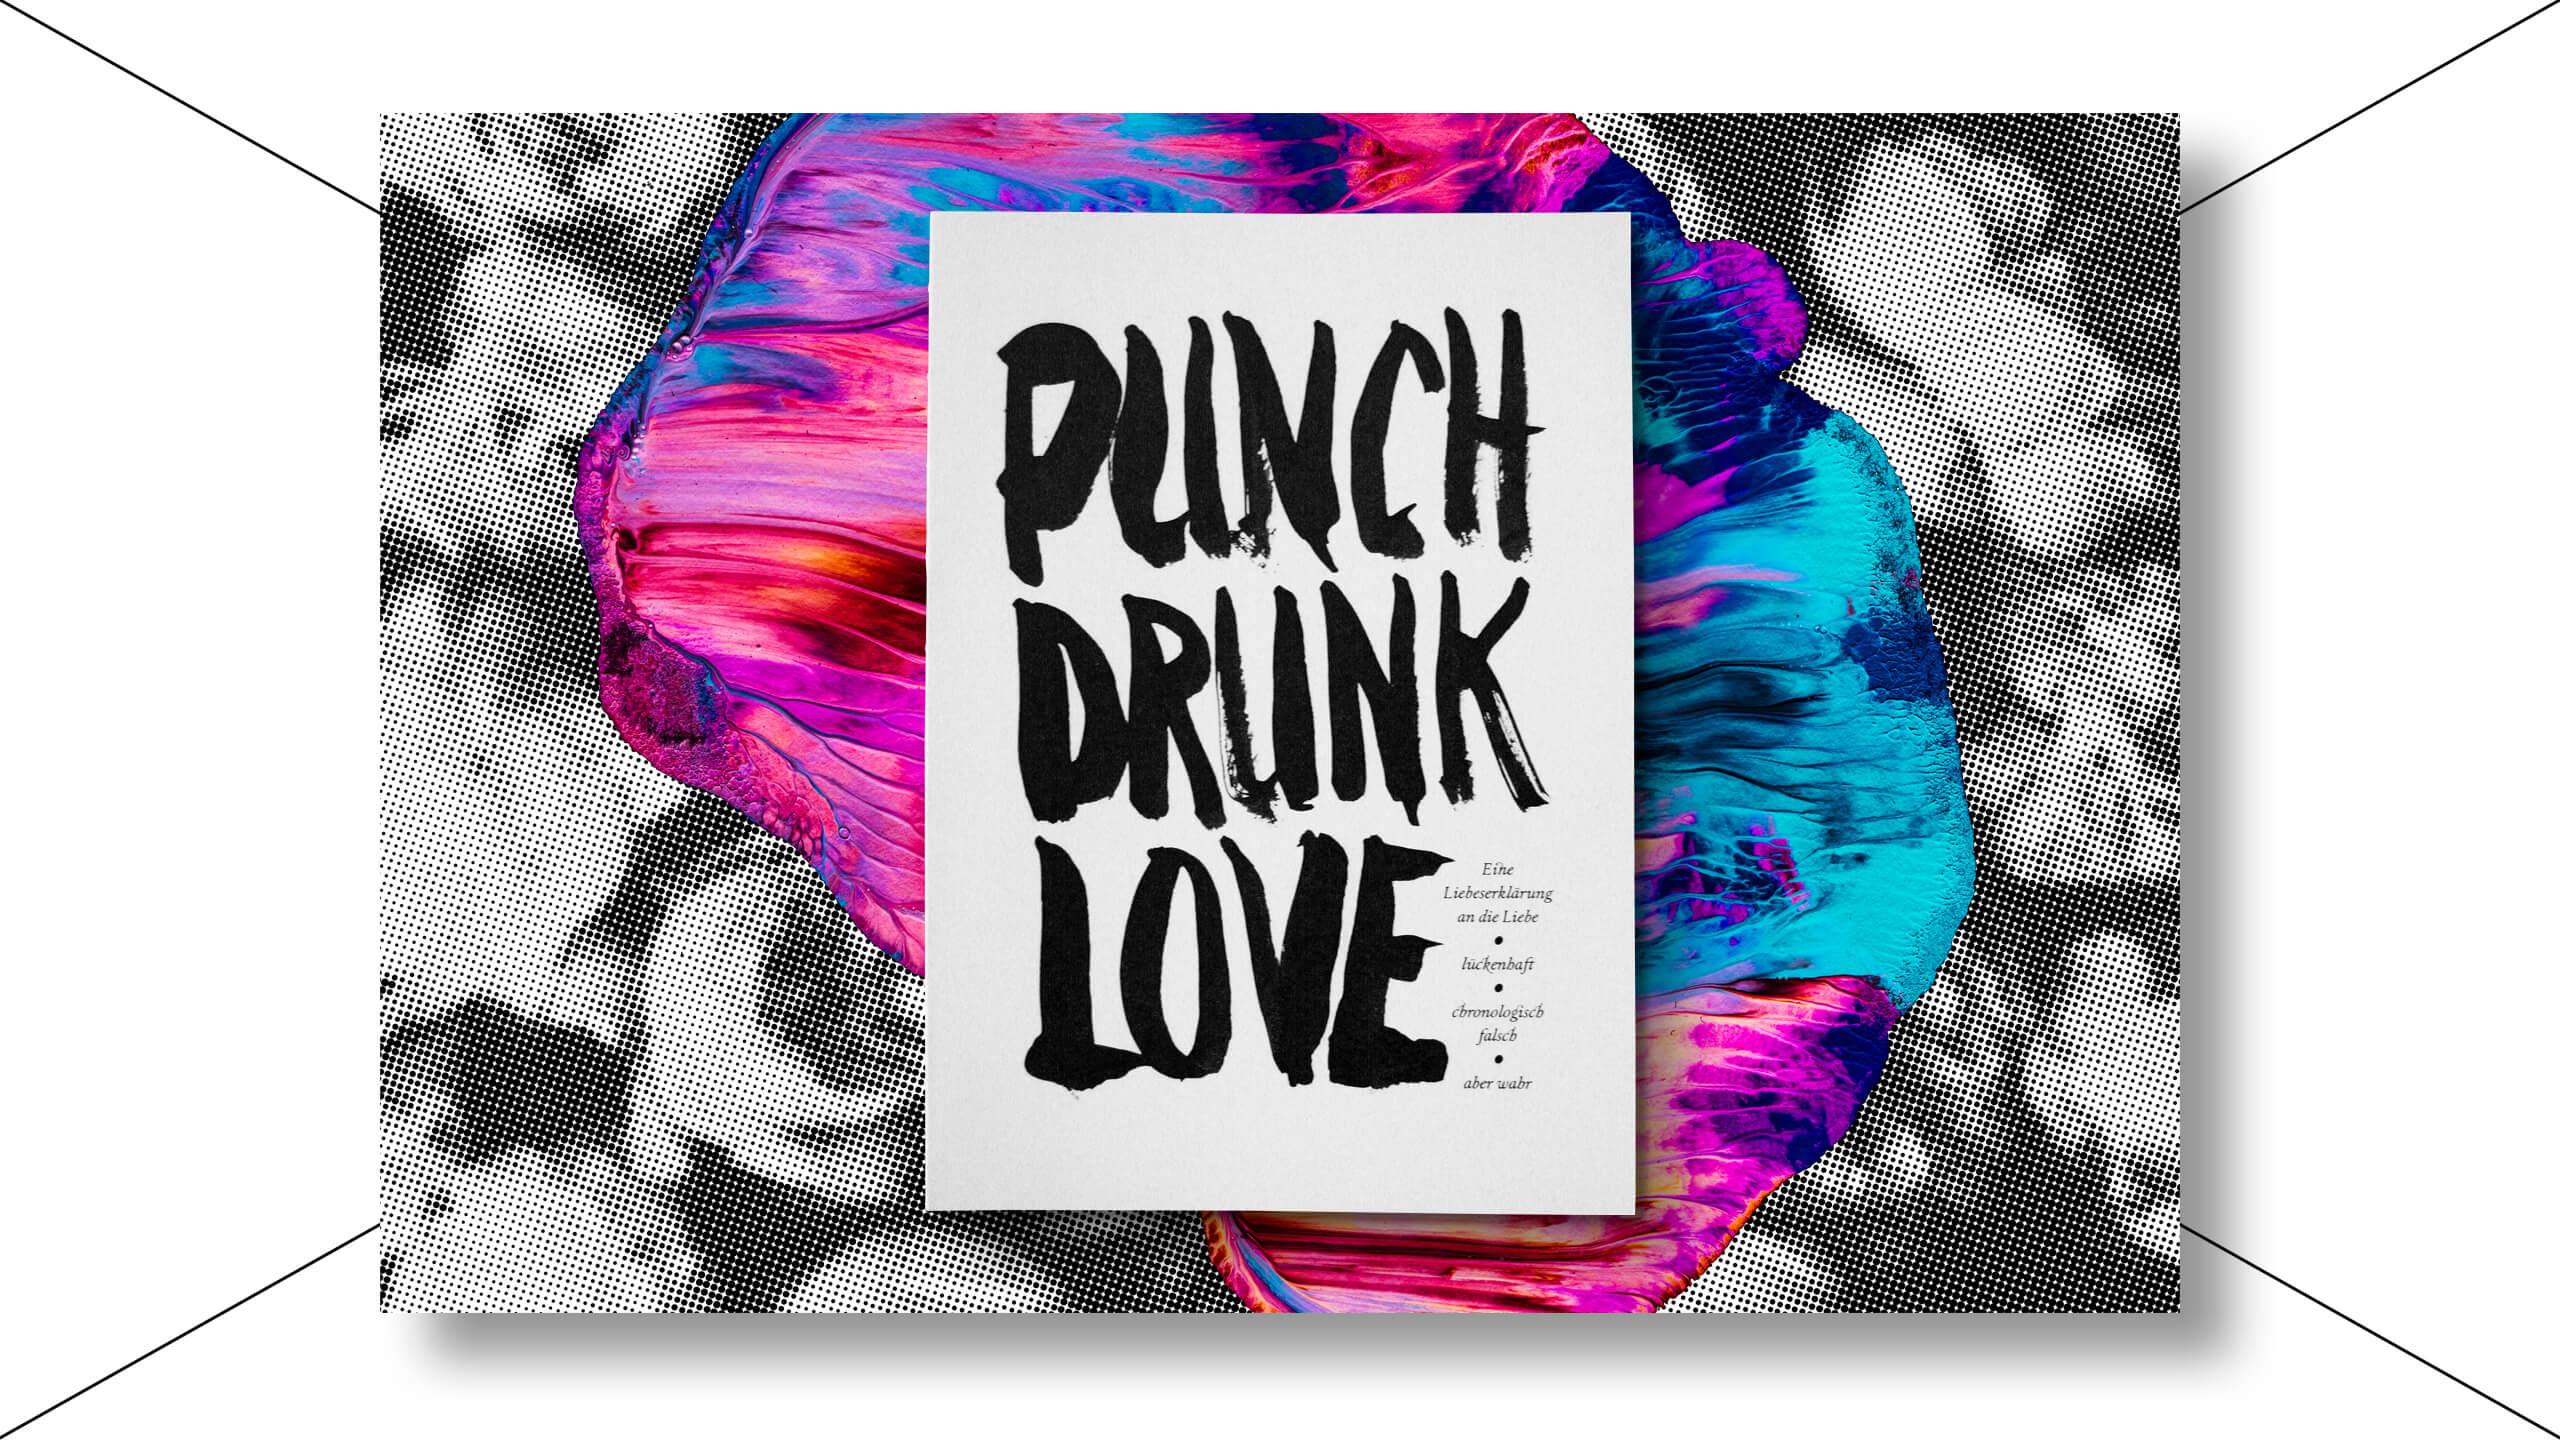 wirsindschoener_punch_drunk_love37_2560x1440